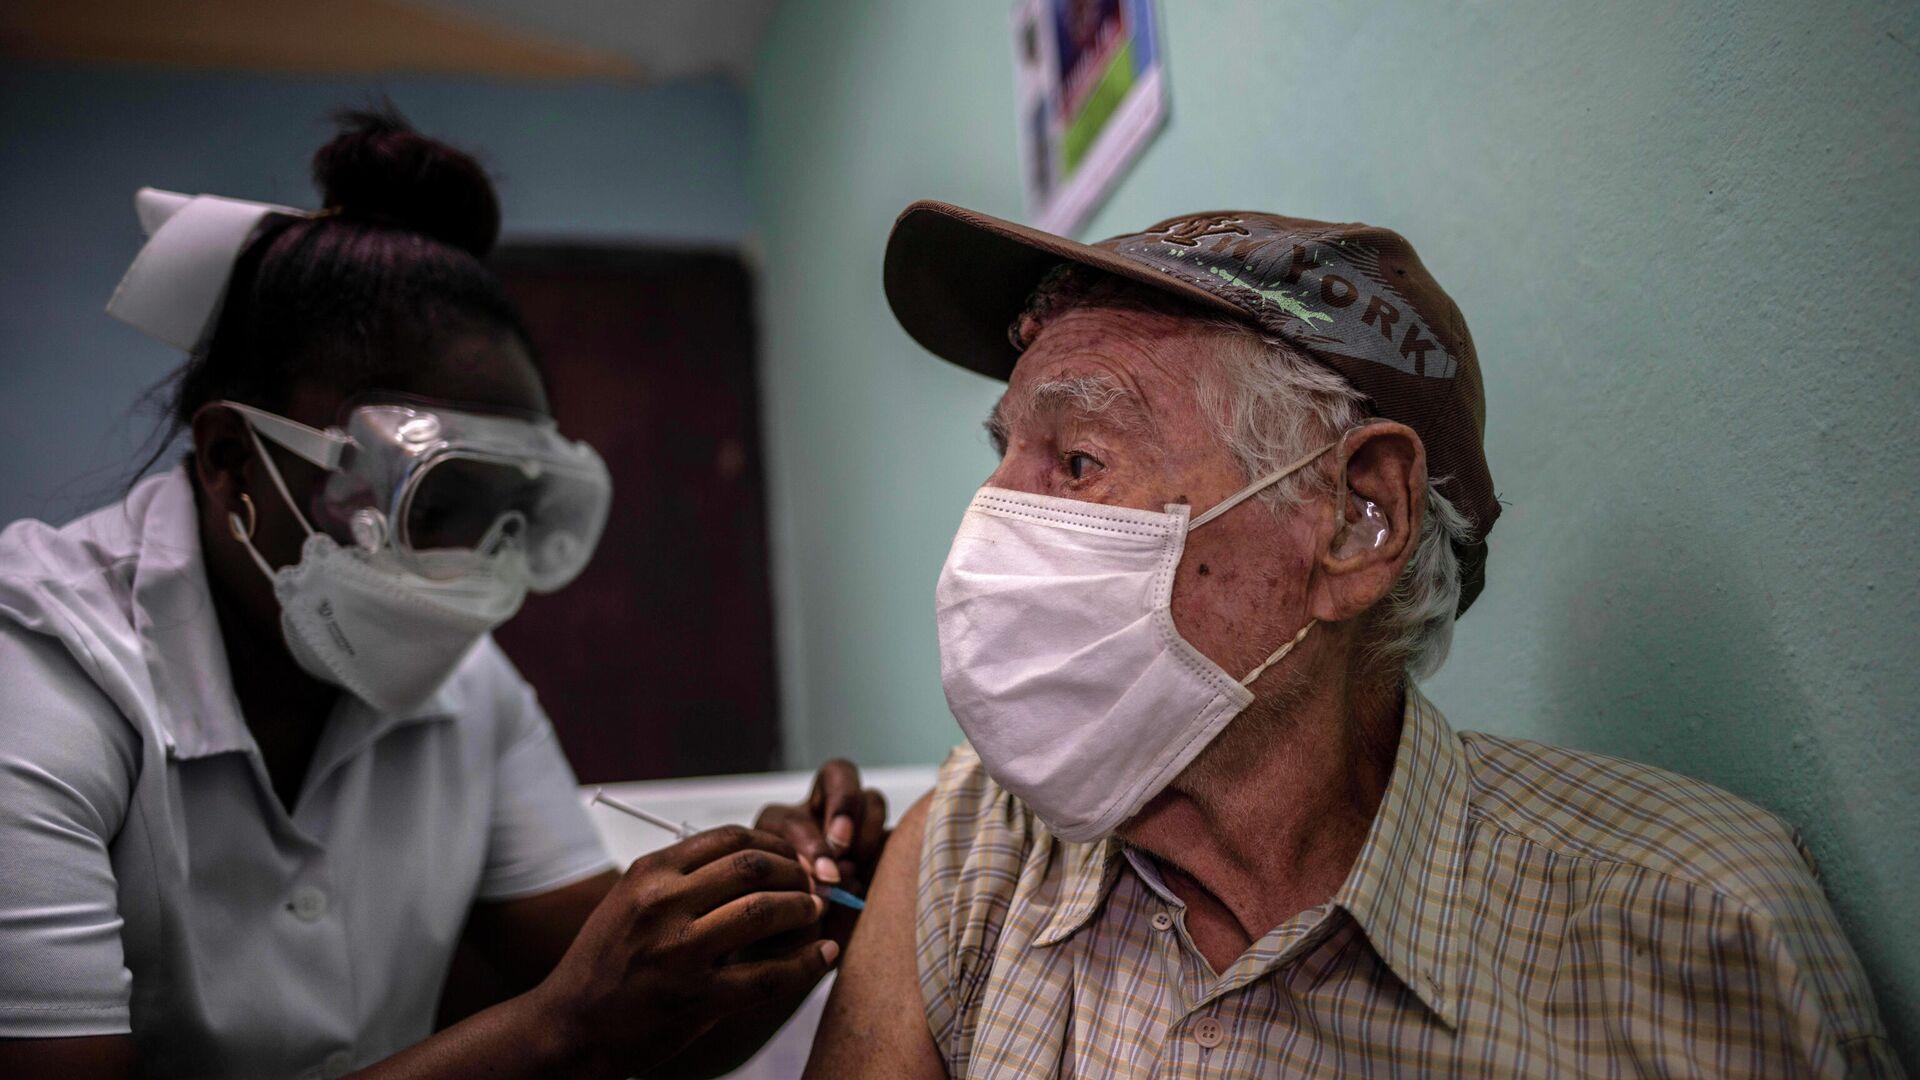 Vacunación en Cuba con la vacuna cubana anti-COVID Abdala - Sputnik Mundo, 1920, 01.09.2021